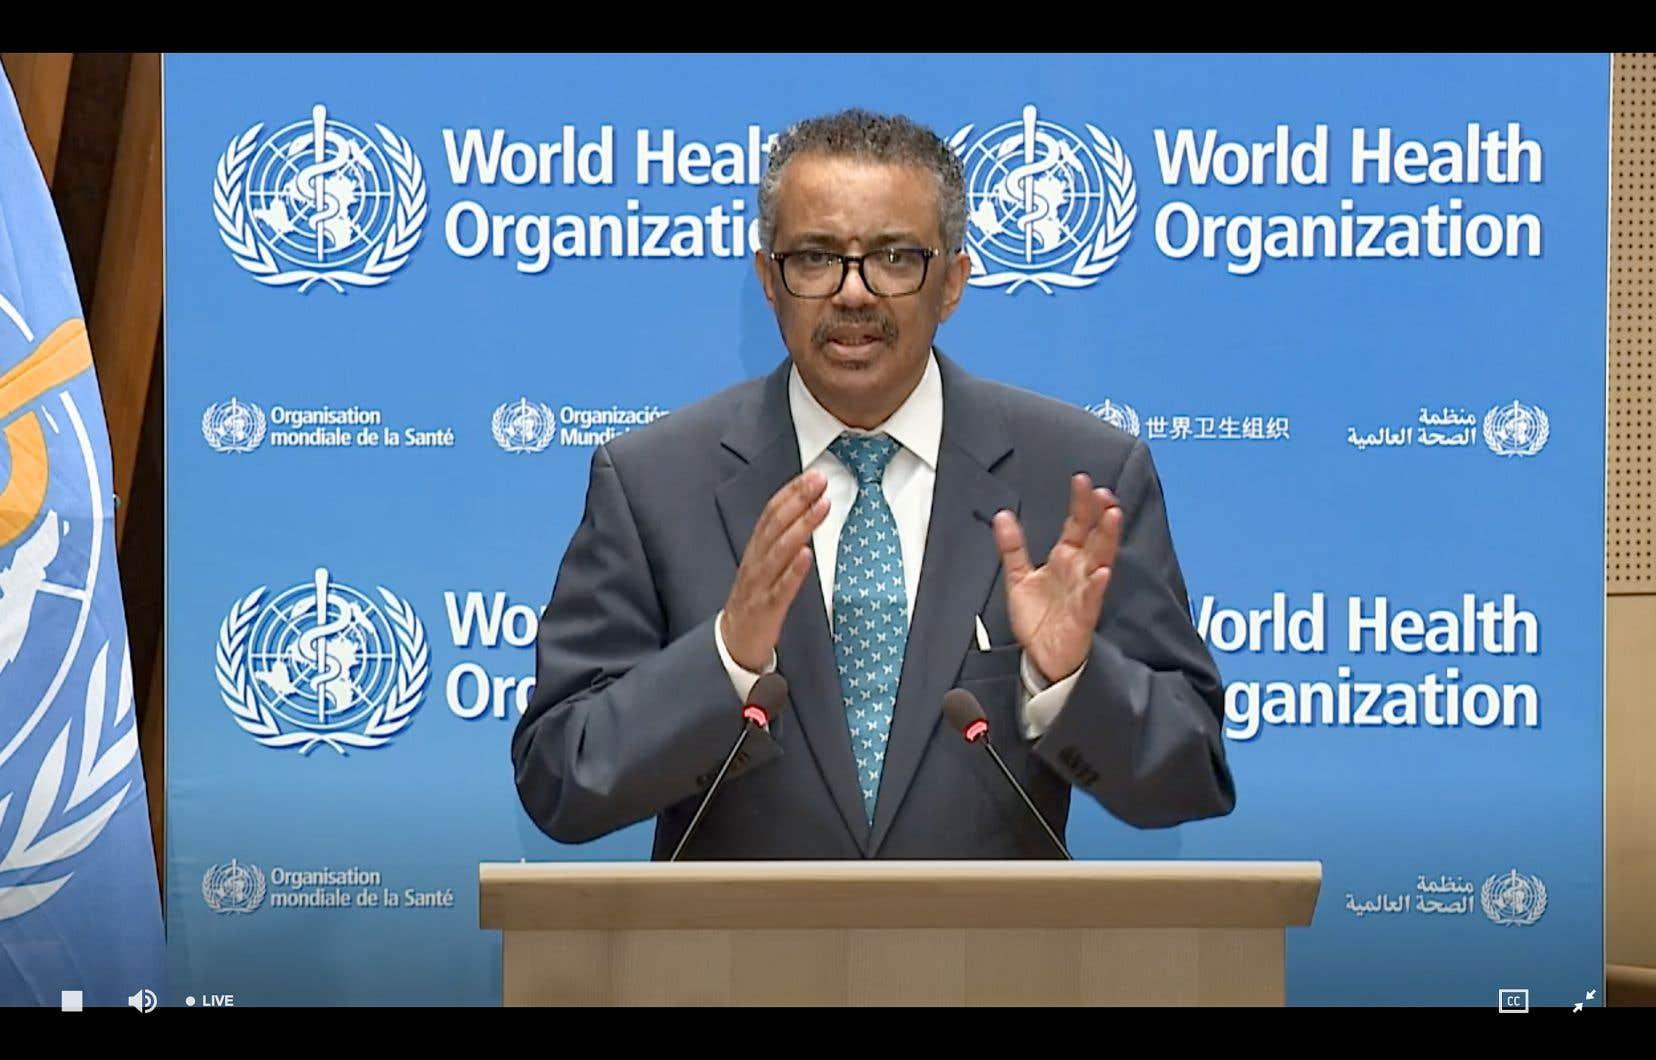 Le directeur général de l'OMS, Tedros Adhanom Ghebreyesus, prononce un discours par liaison vidéo à l'ouverture de la réunion virtuelle, depuis le siège de l'OMS à Genève.